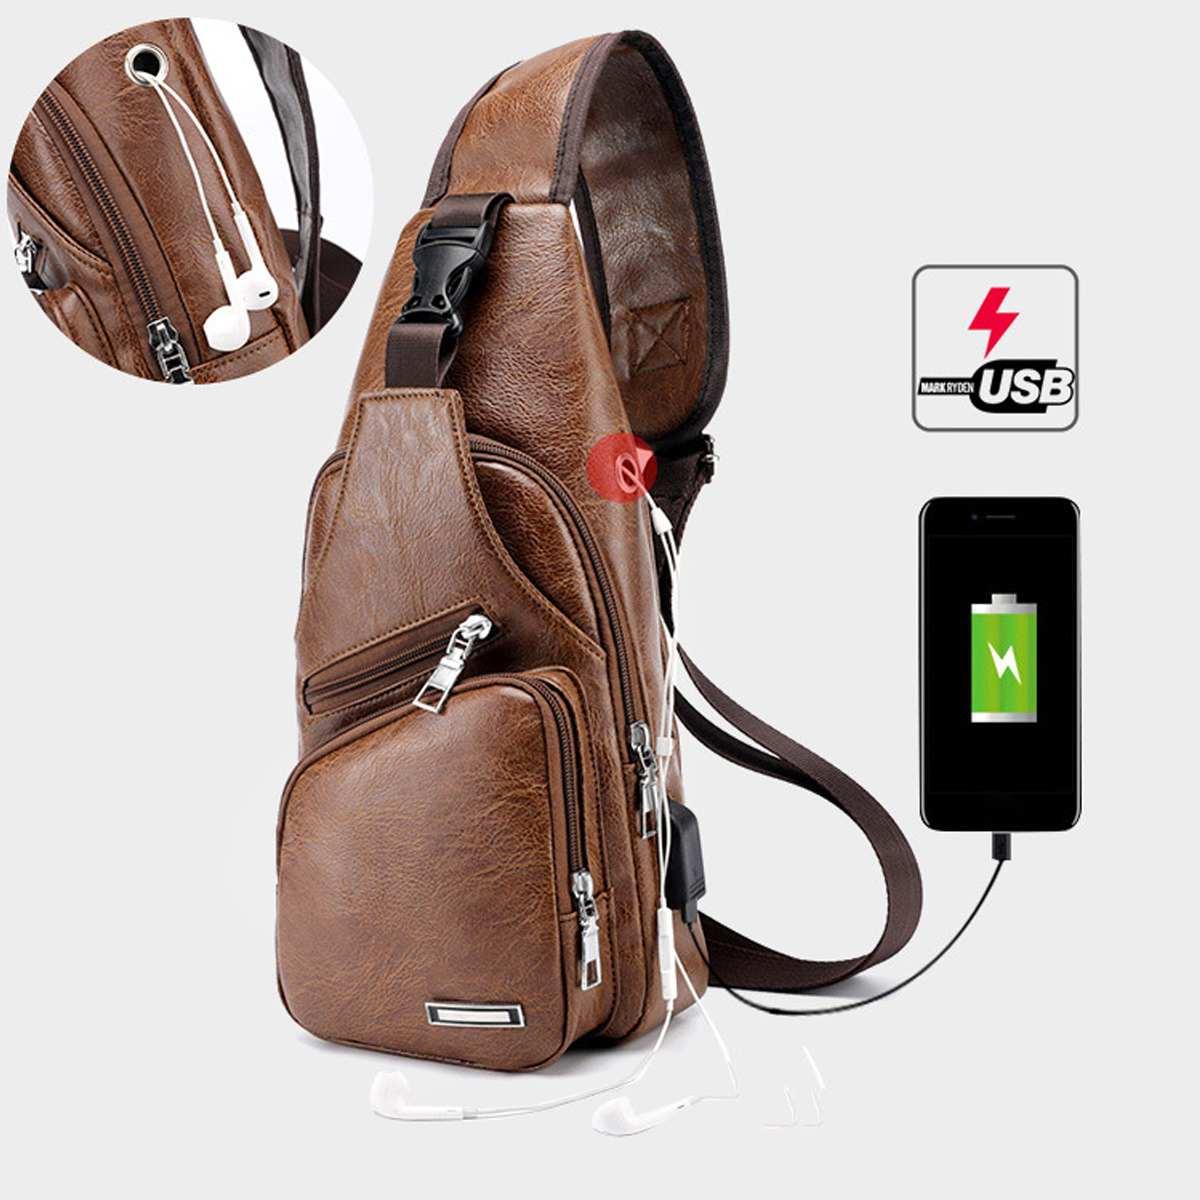 Nuevo bolso de pecho para hombre, bolso bandolera de carga USB, bolso de hombro de cuero de PU Diagonal, paquete trasero, bolso de mensajero para viajes al aire libre